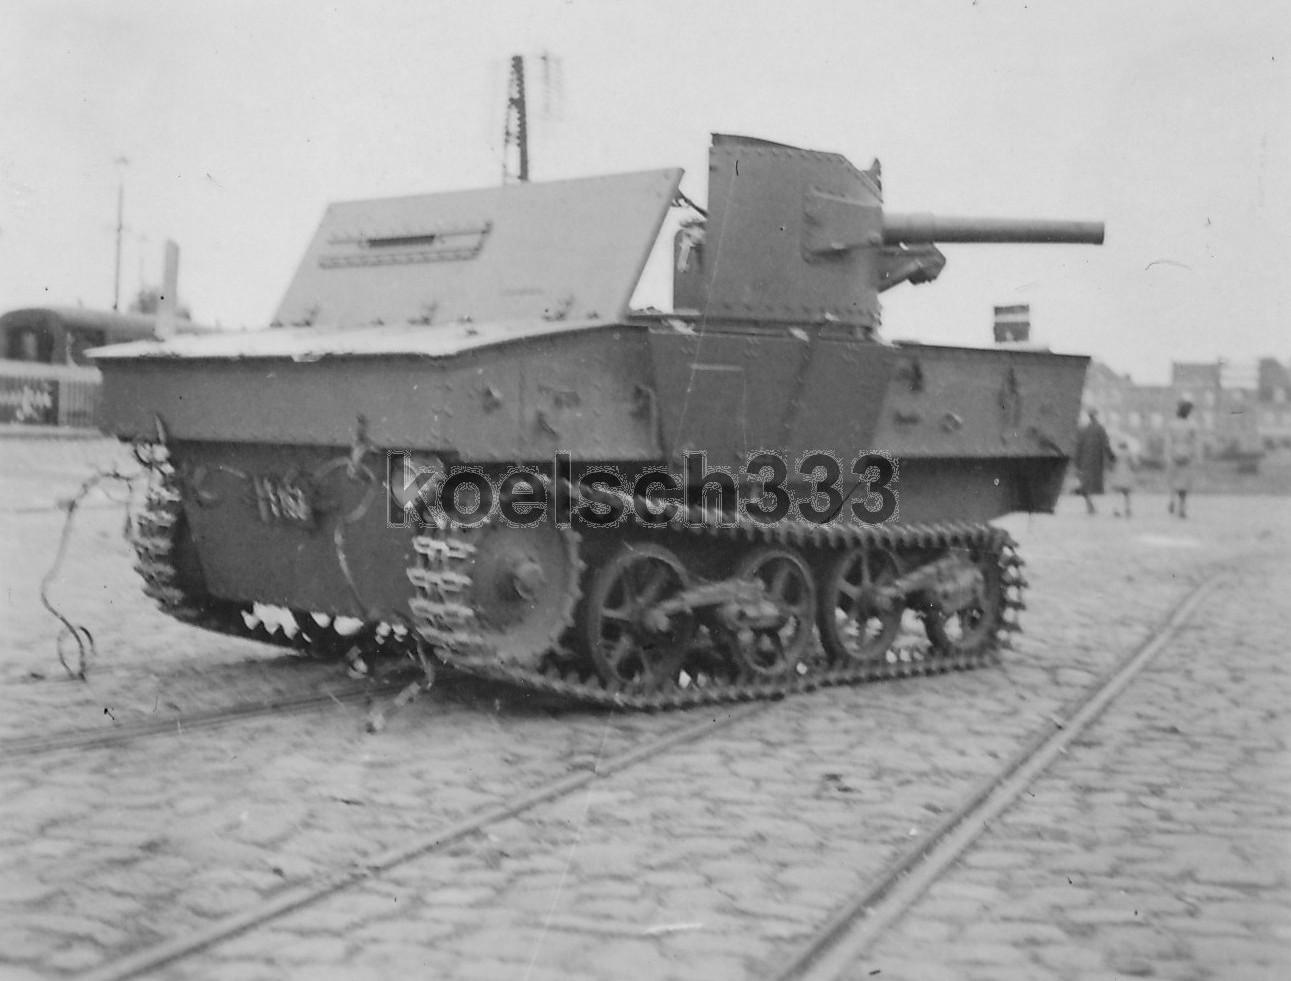 Брошенная бельгийская 47-мм САУ Char leger T13B2.